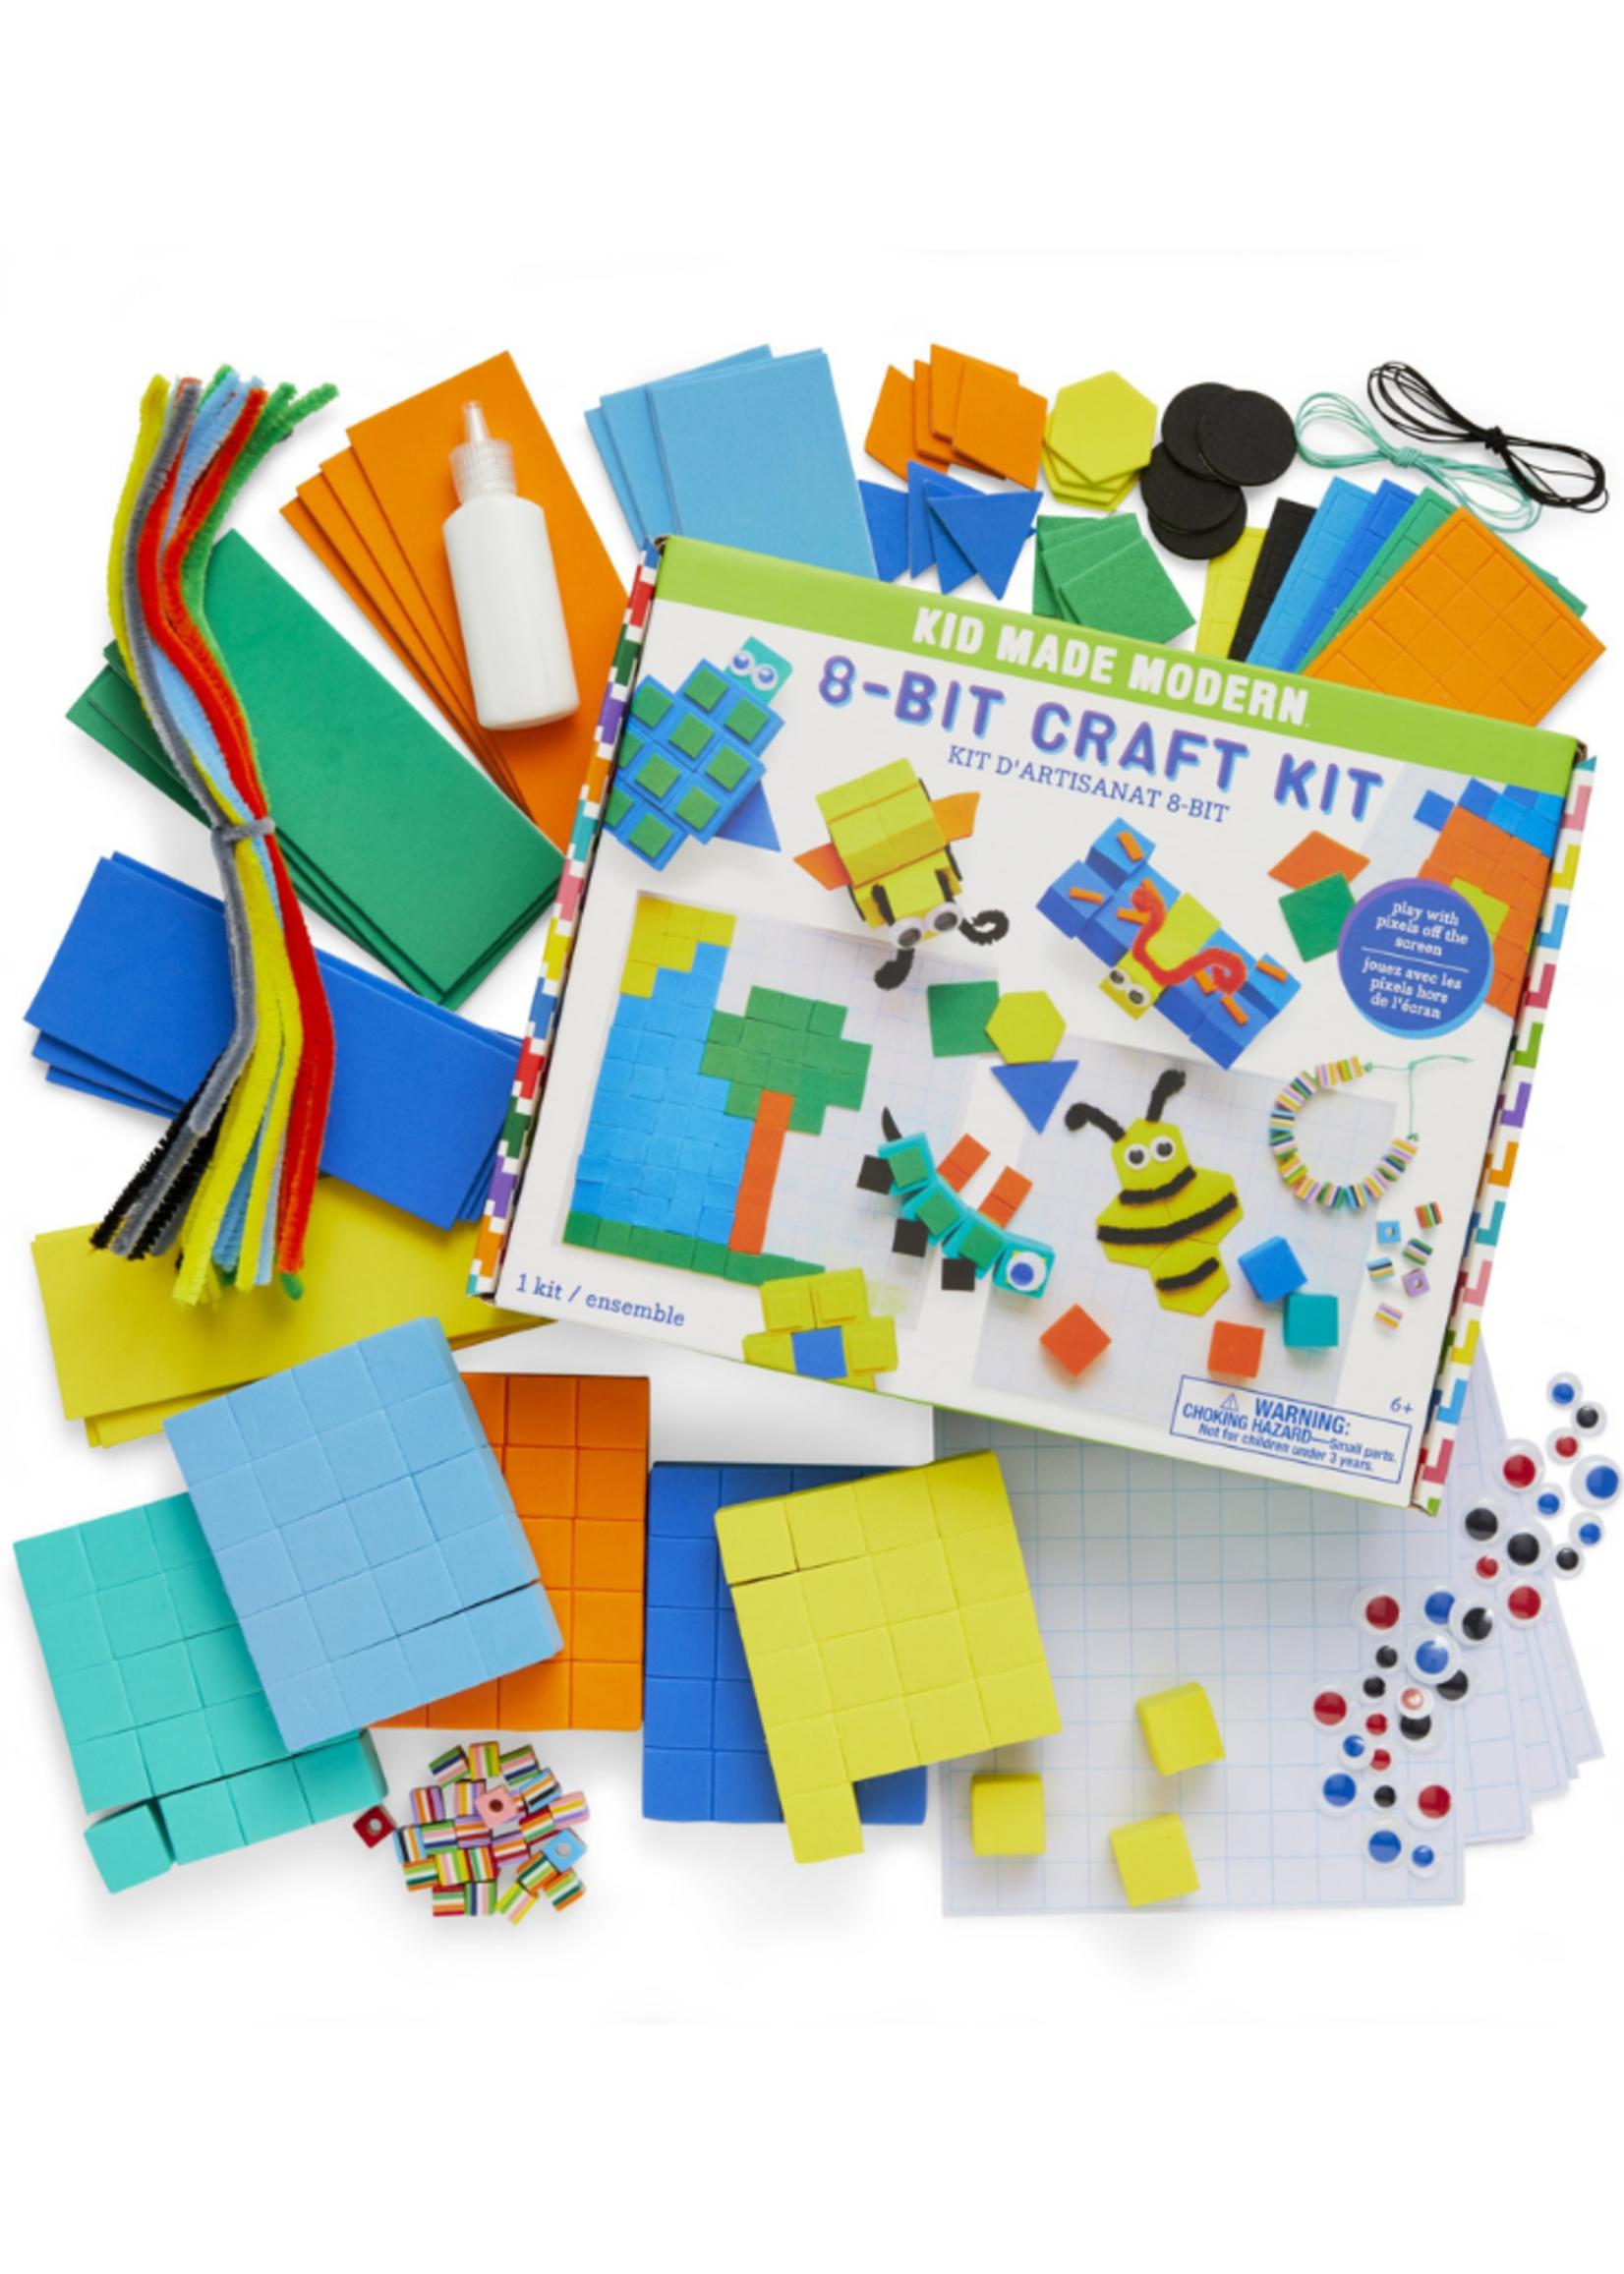 Kids Made Modern 8 Bit Craft Kit